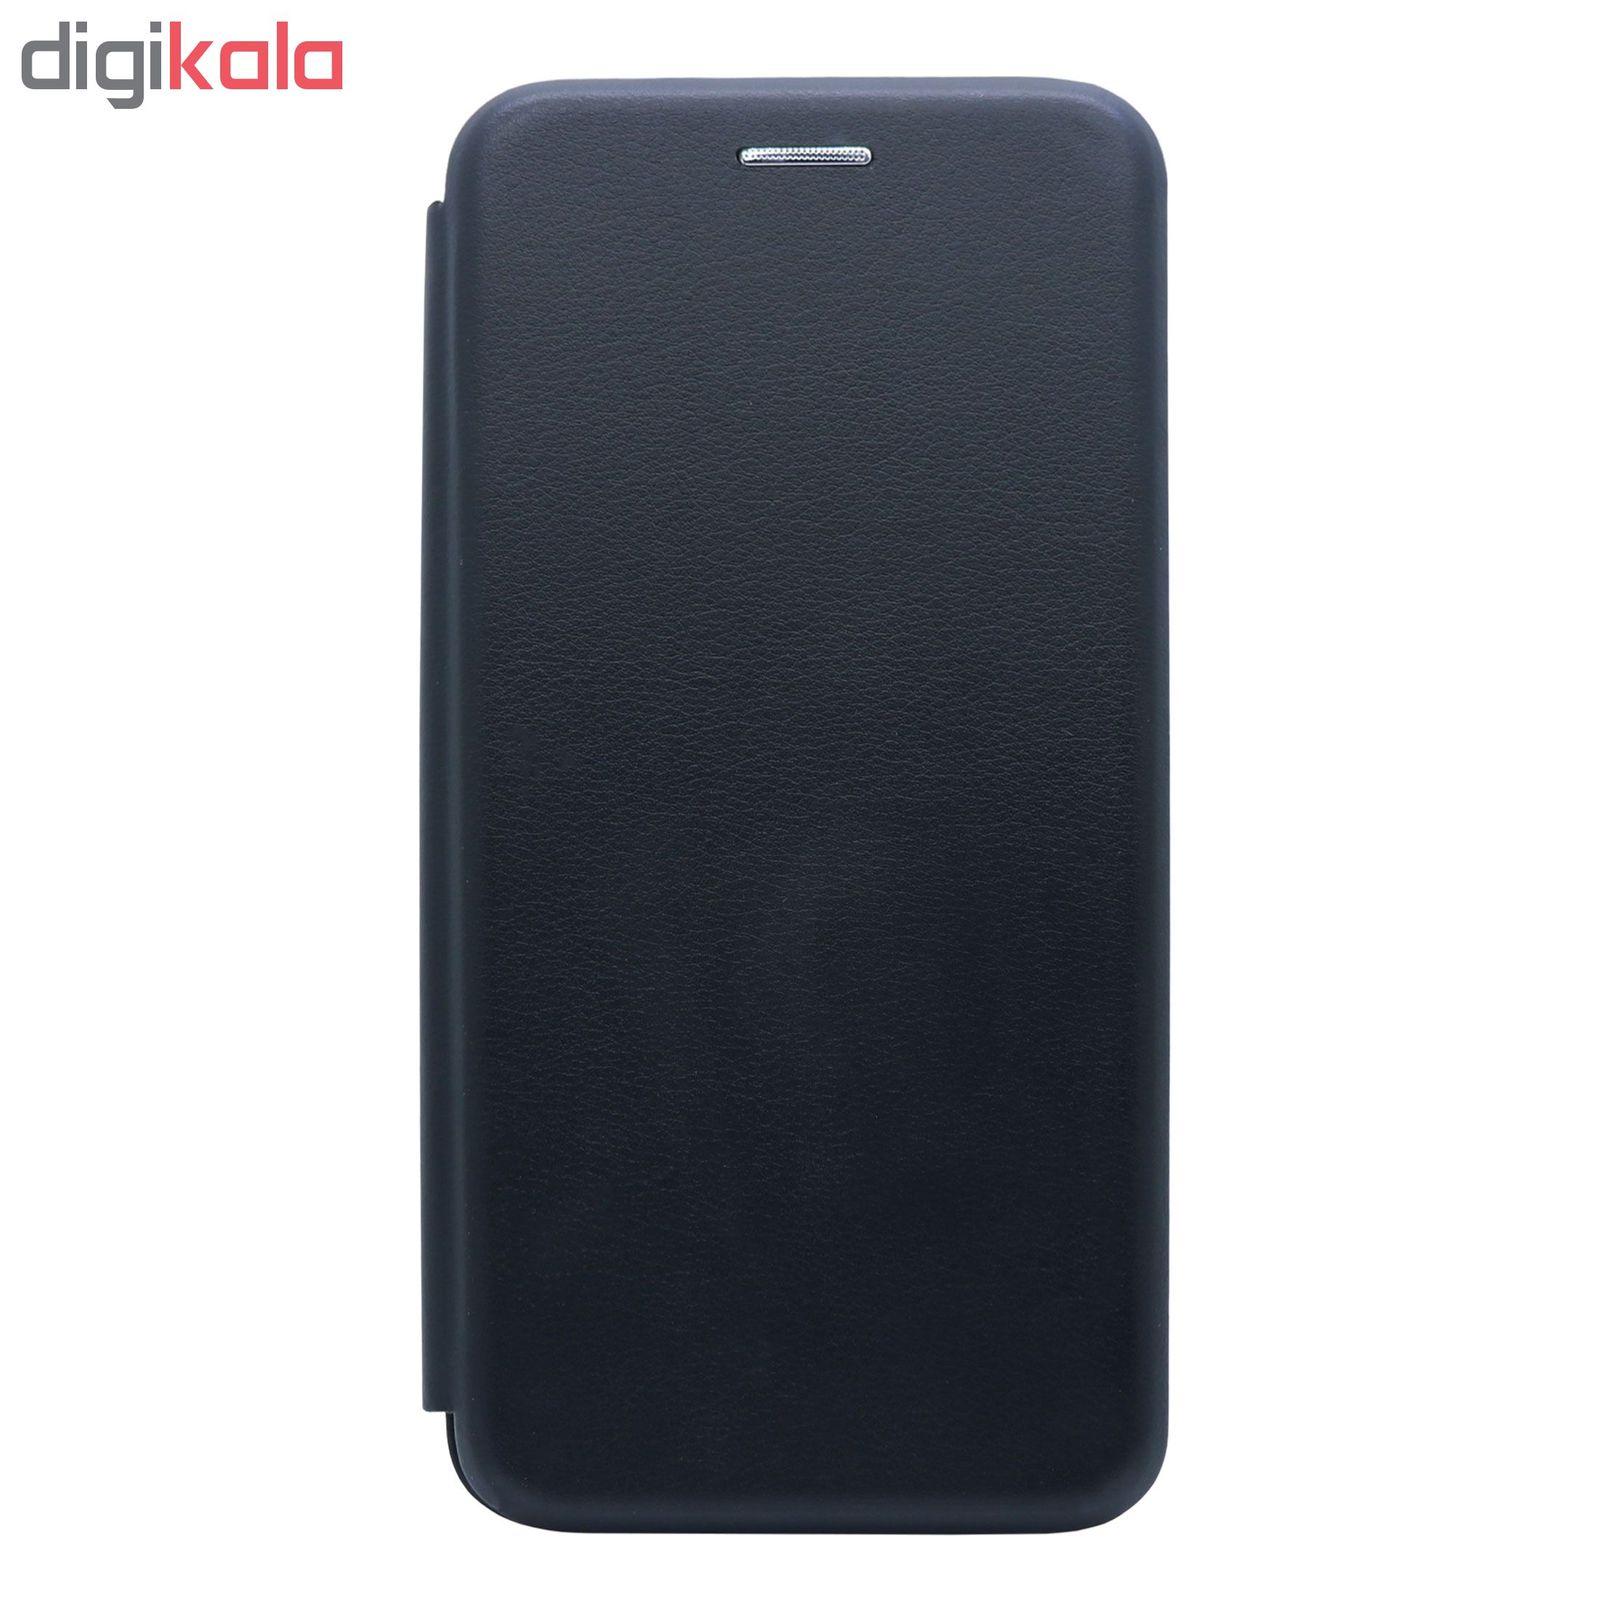 کیف کلاسوری طرح Wallet مدل Wa-001 مناسب برای گوشی موبایل سامسونگ Galaxy A10s main 1 1